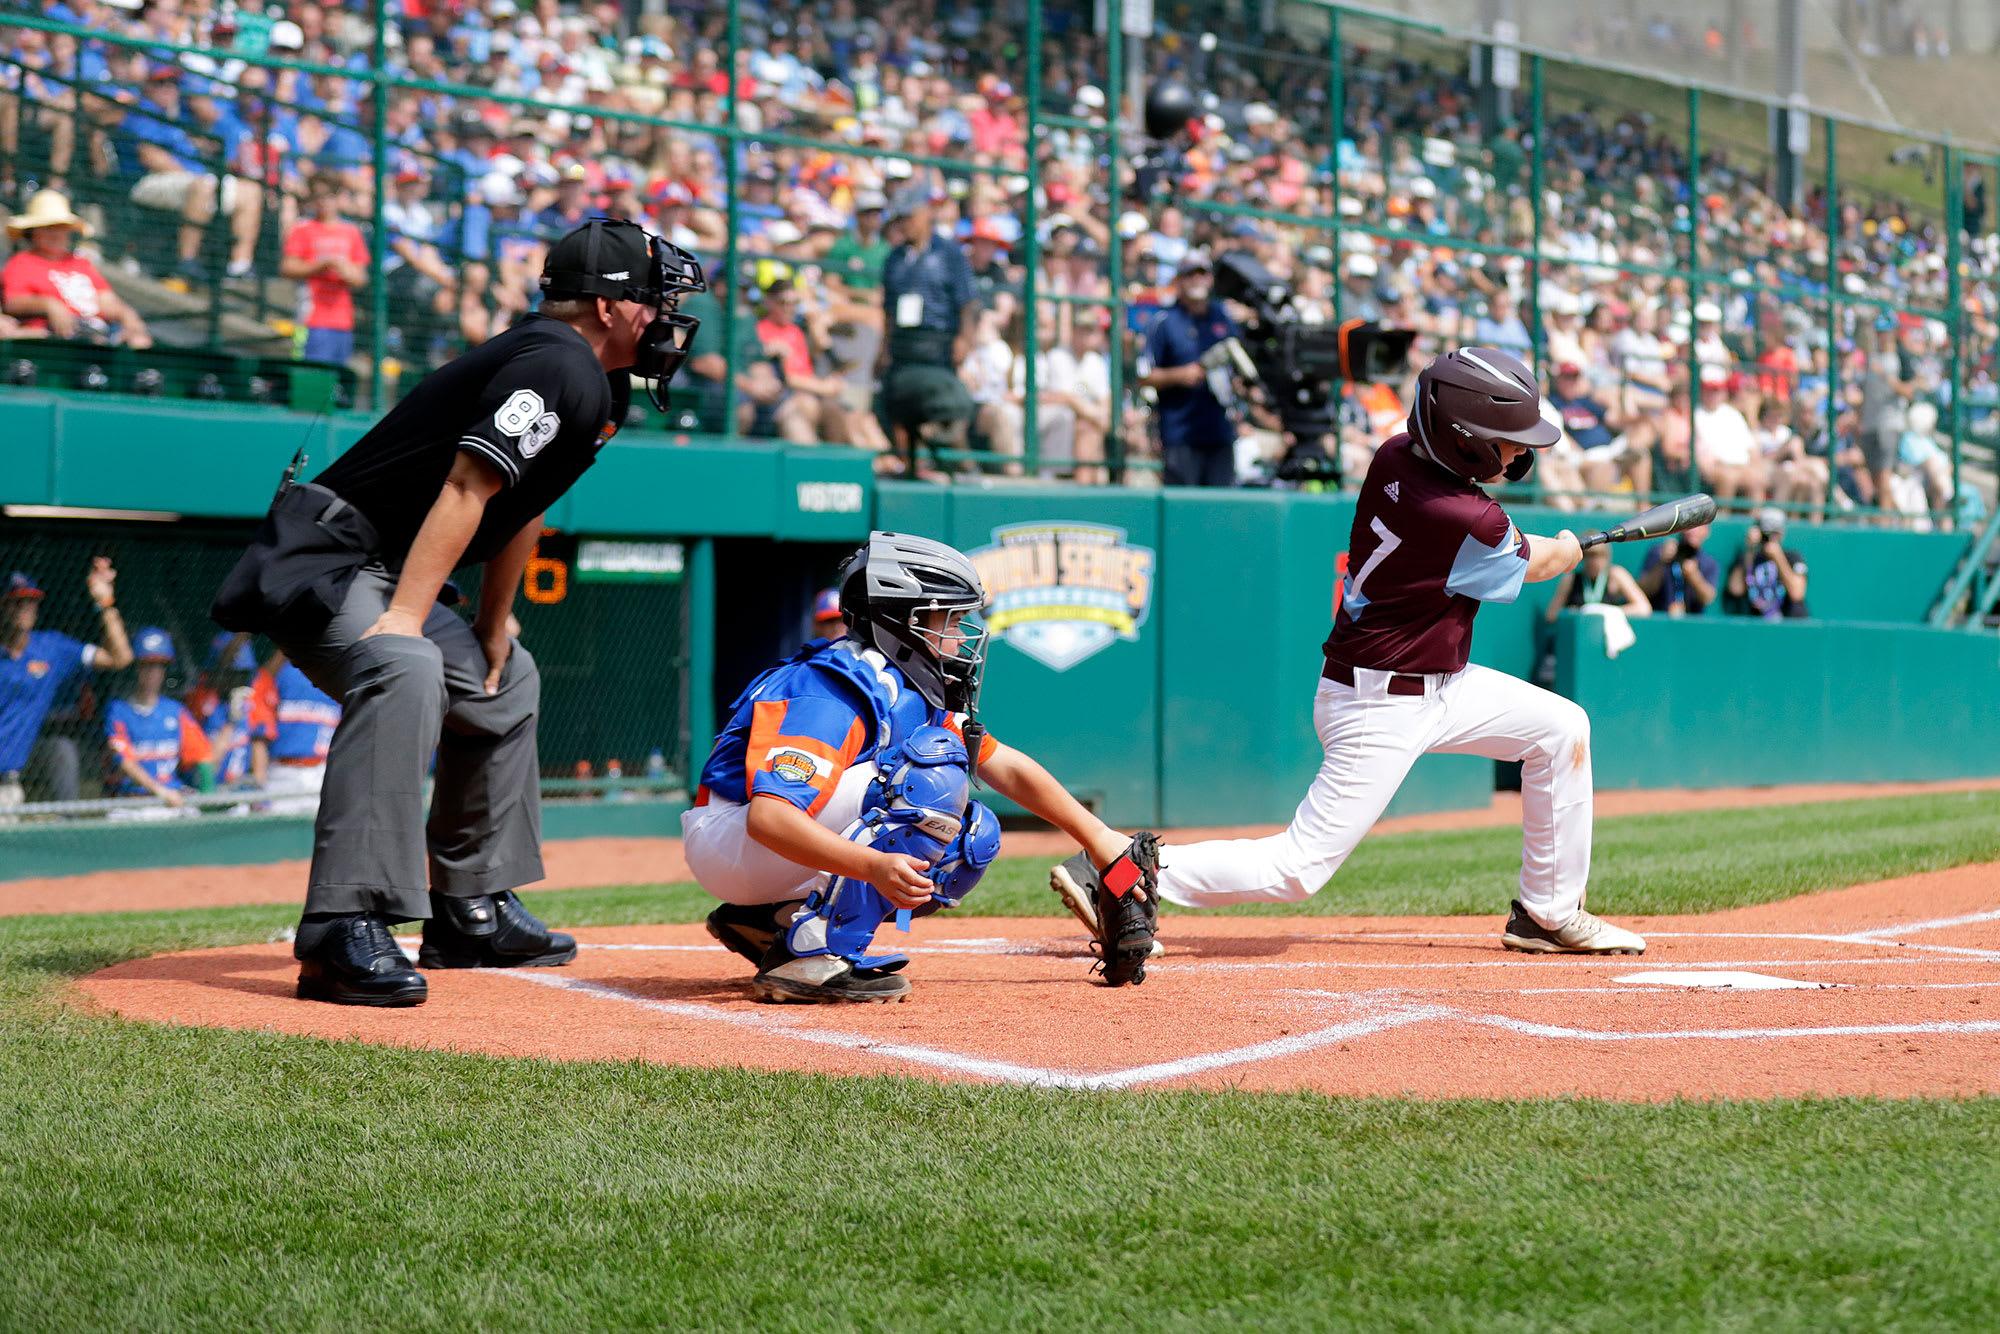 ne batter swinging at ball